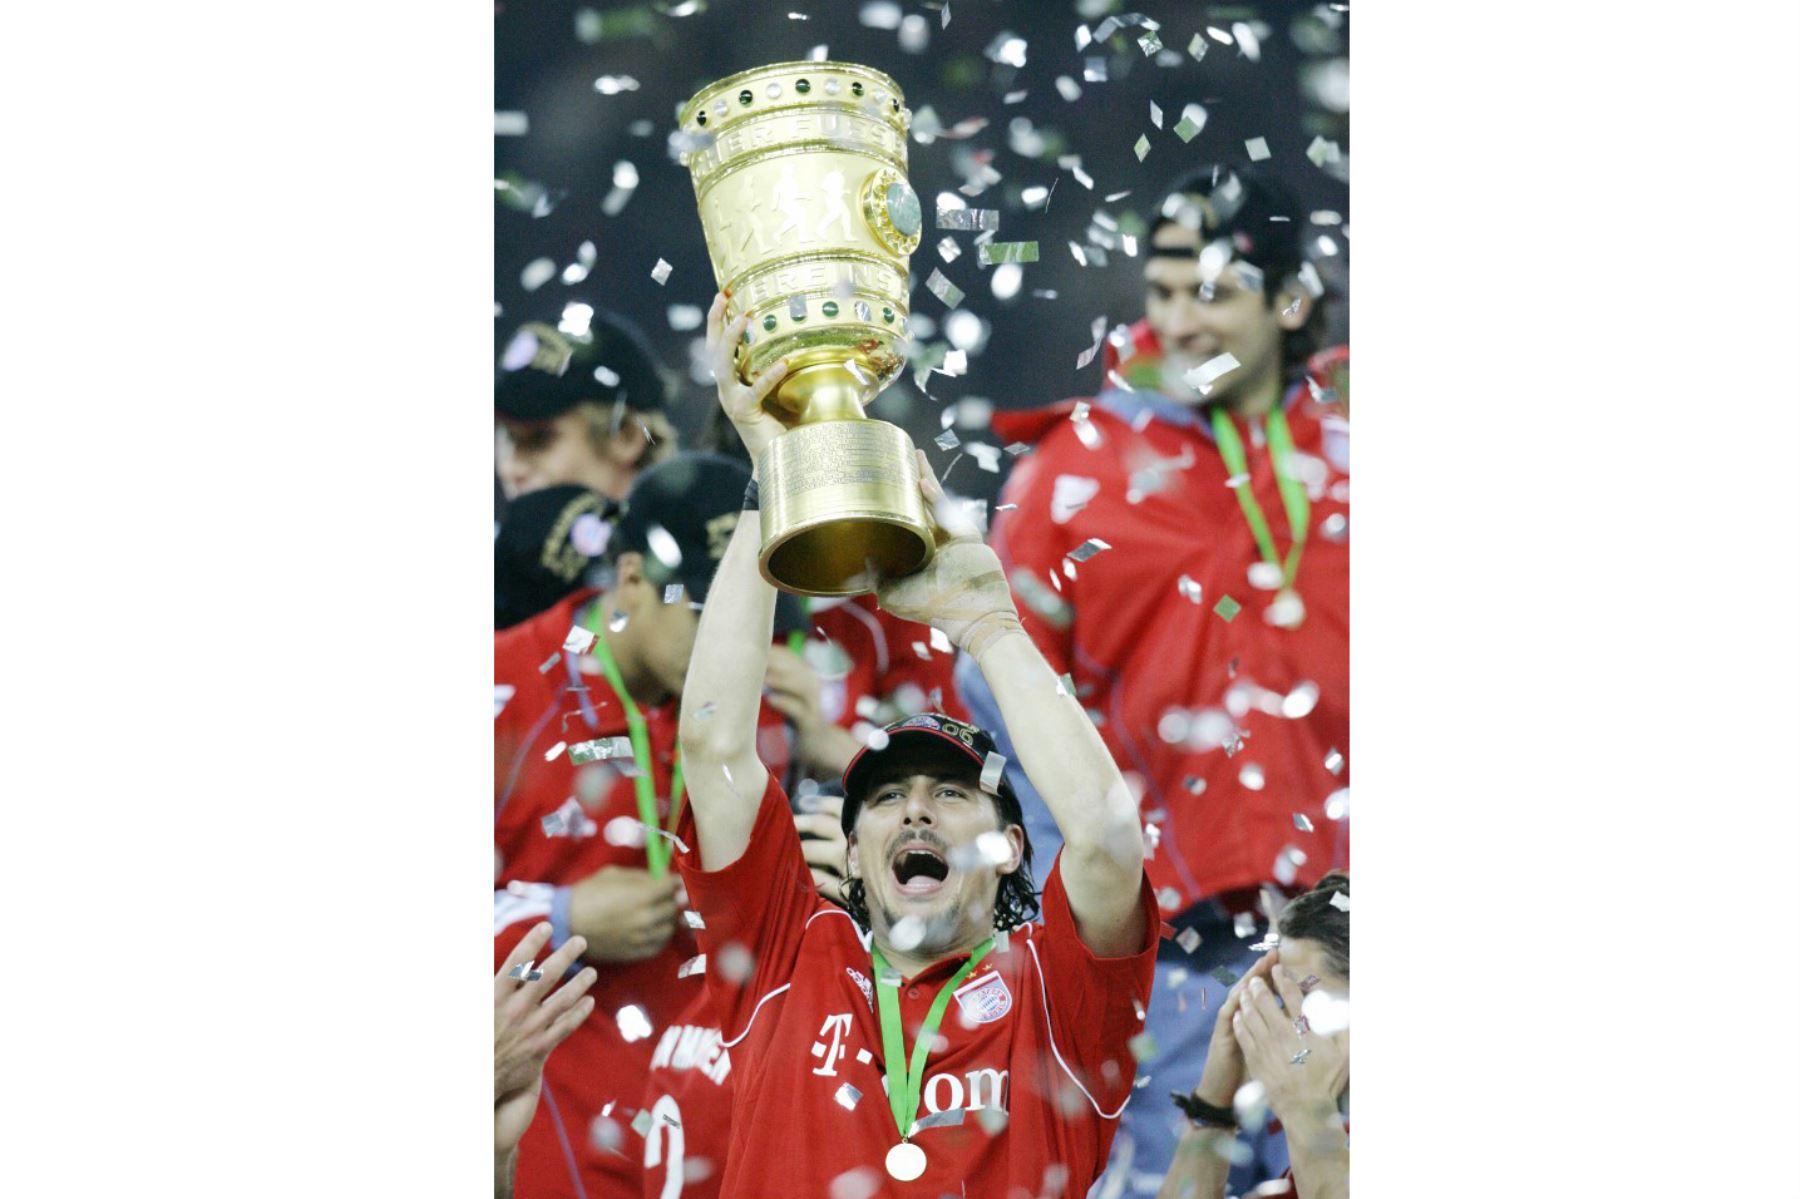 El delantero peruano del Bayern Munich, Claudio Pizarro, celebra con el trofeo después de ganar el partido final de la Copa de Alemania contra Frankfurt el 29 de abril de 2006 en el estadio olímpico de Berlín. Munich ganó el partido 1-0.  Foto: AFP